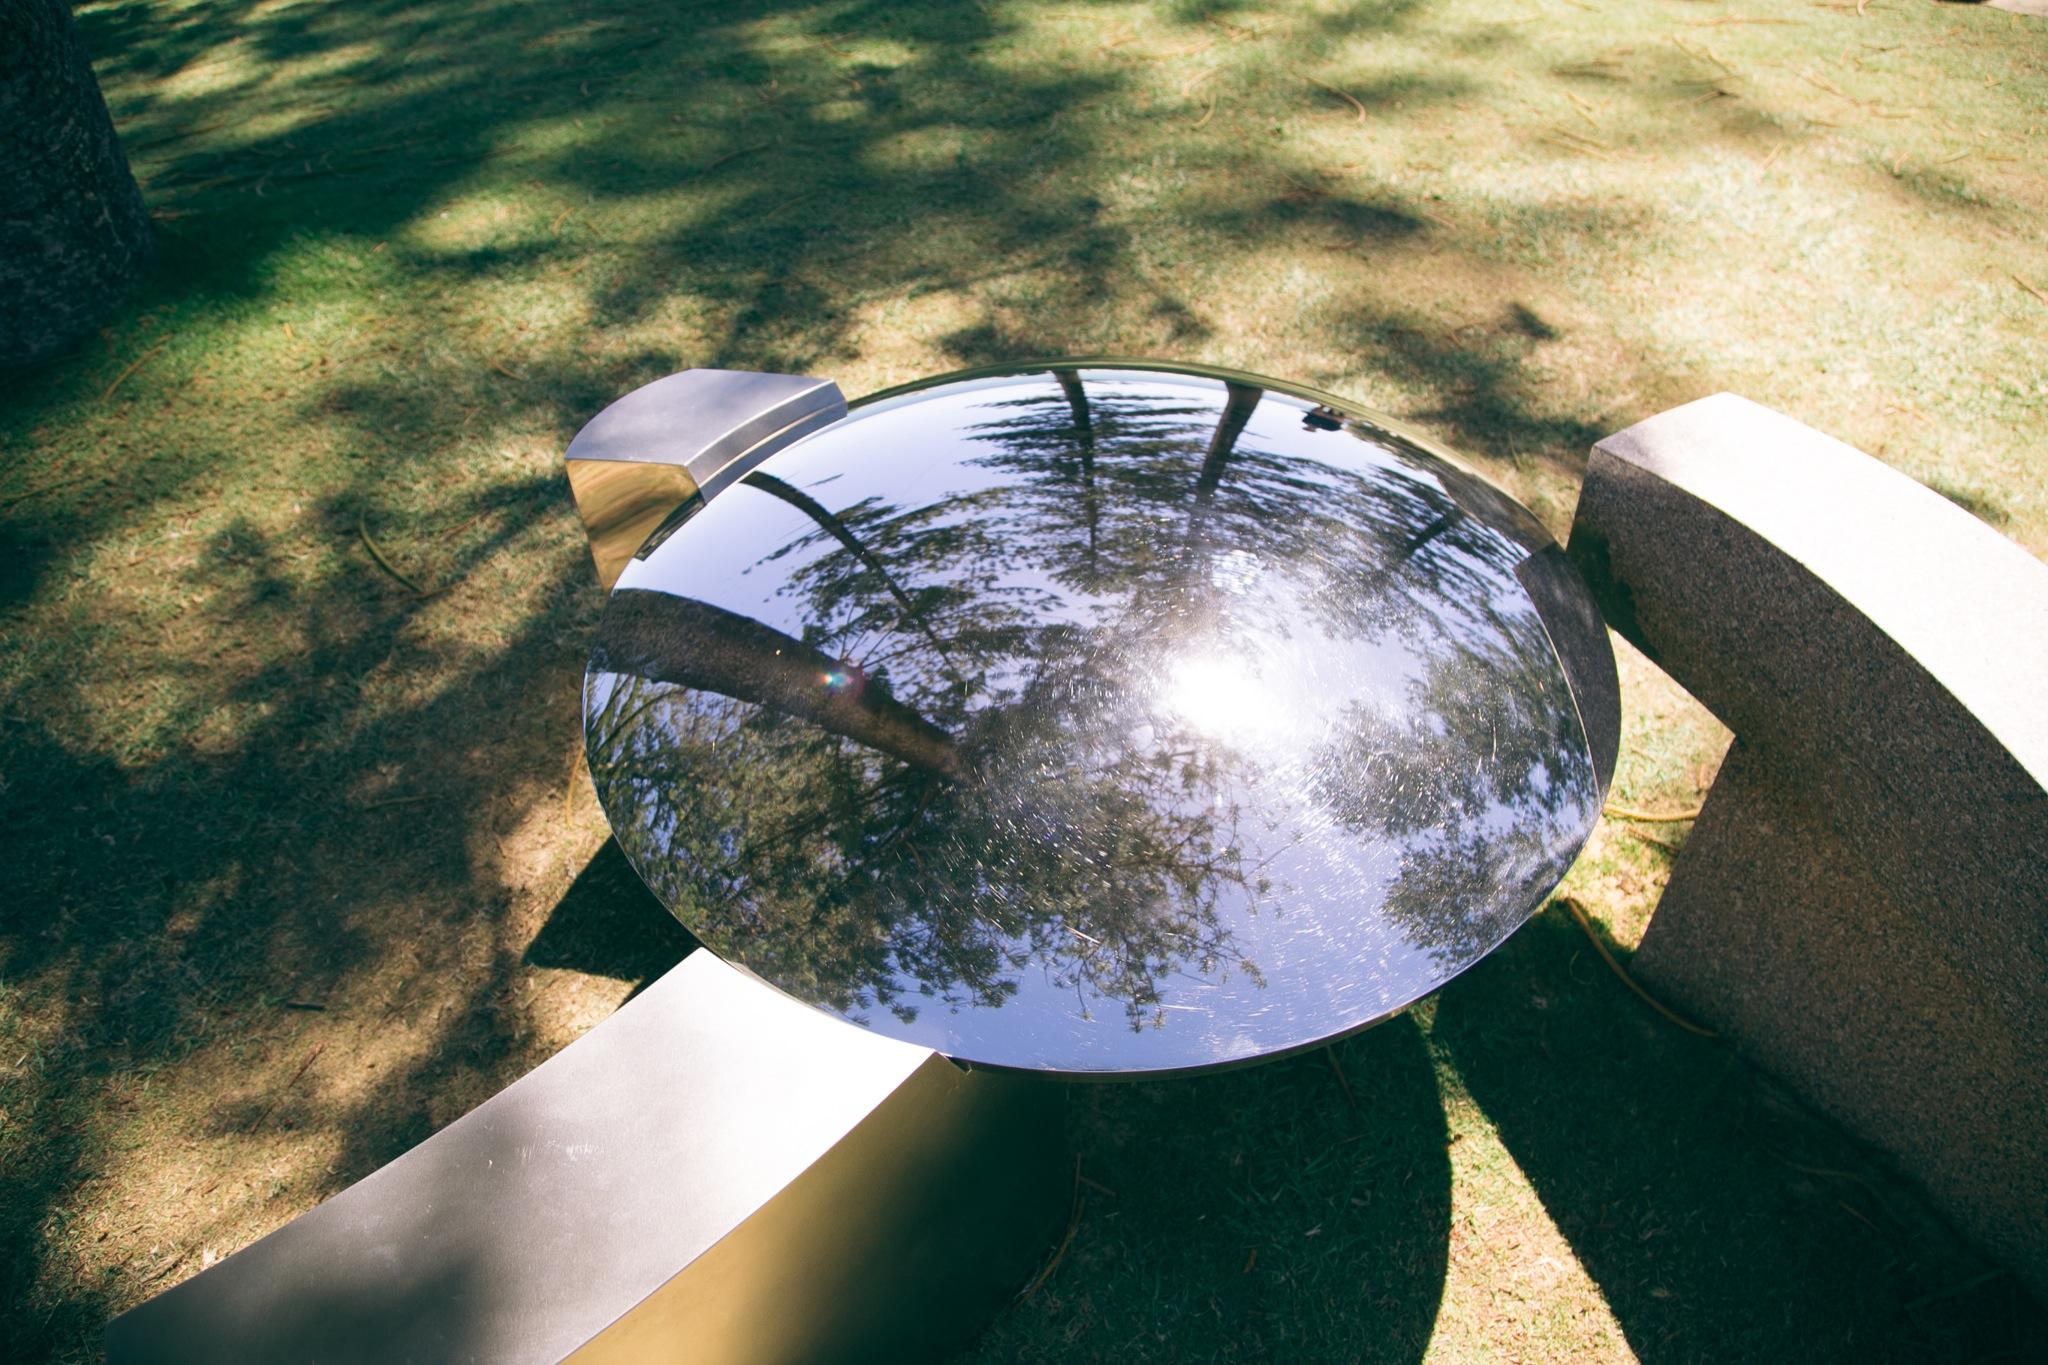 sculpturebythesea-56.jpg